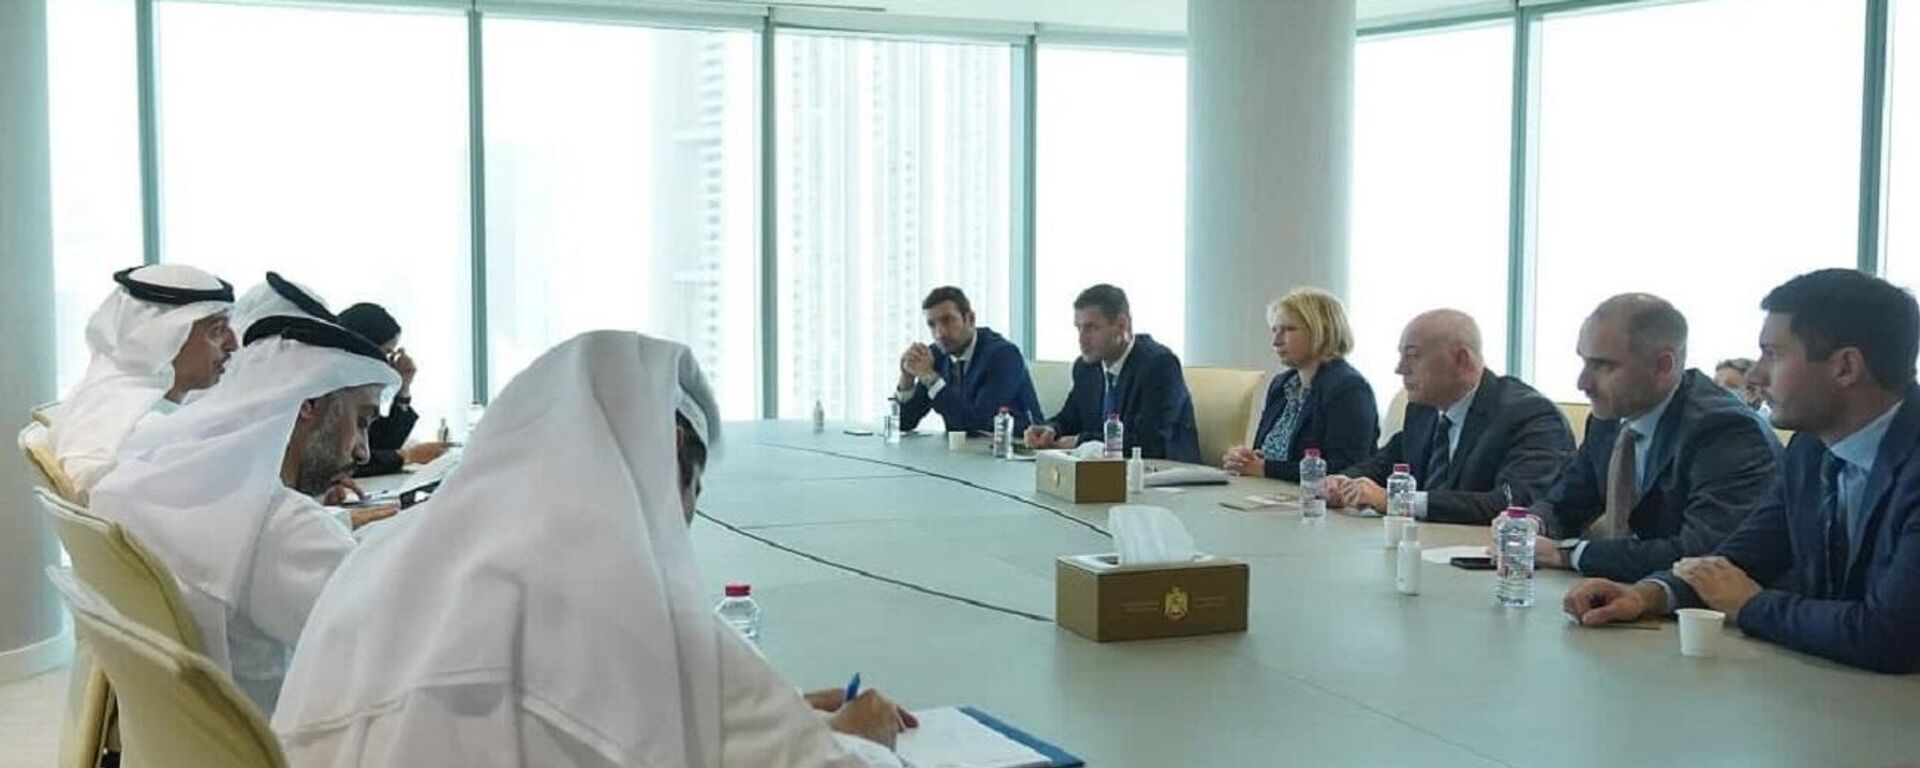 ნათია თურნავა შეხვედრაზე არაბთა გაერთიანებული საამიროების ეკონომიკის სამინისტროში - Sputnik საქართველო, 1920, 21.09.2021